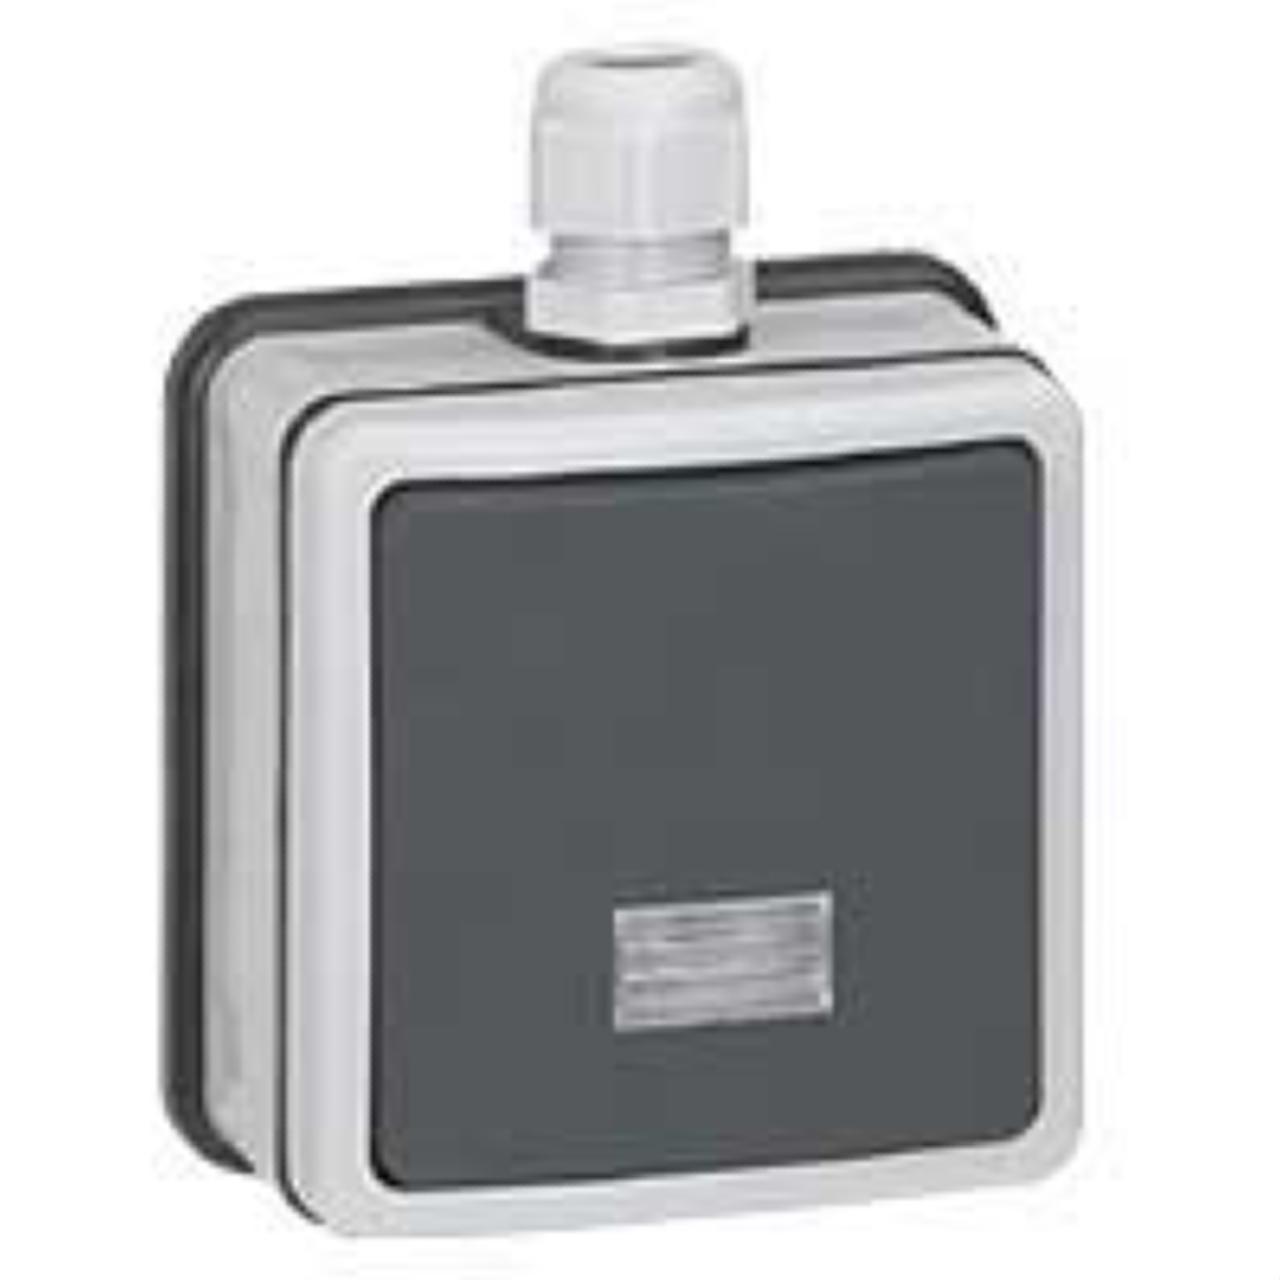 bouton poussoir lumineux legrand plexo 66 gris complet. Black Bedroom Furniture Sets. Home Design Ideas